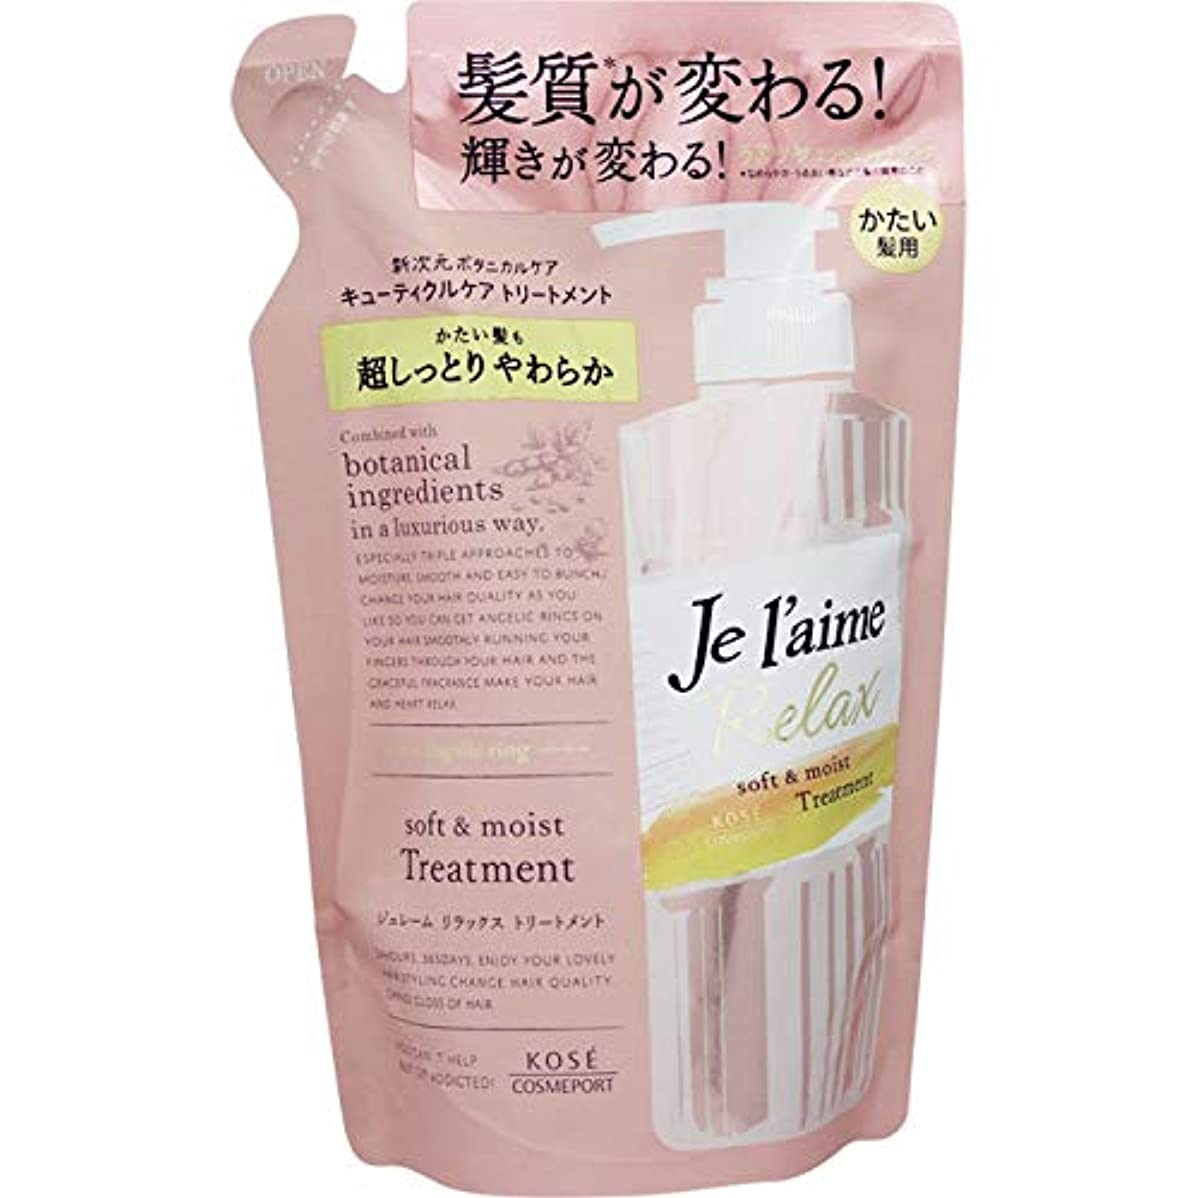 【2個セット】ジュレーム リラックス トリートメント (ソフト&モイスト) つめかえ かたい髪用 360mL